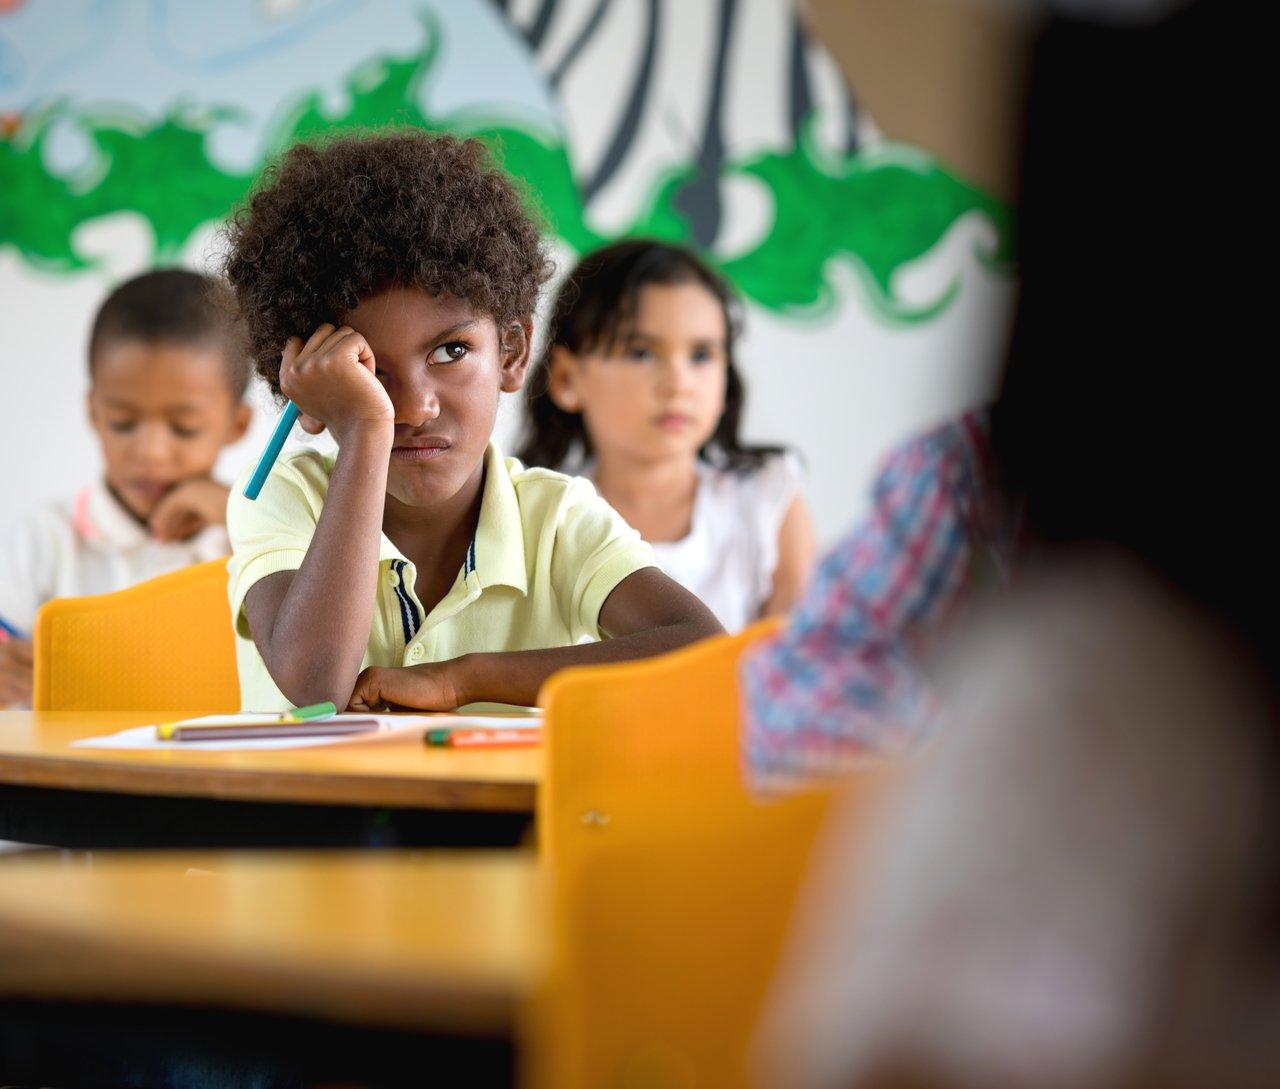 Aluno com expressão de descontentamento, sentado em uma carteira em uma escola, segura um lápis azul e olha para a professora